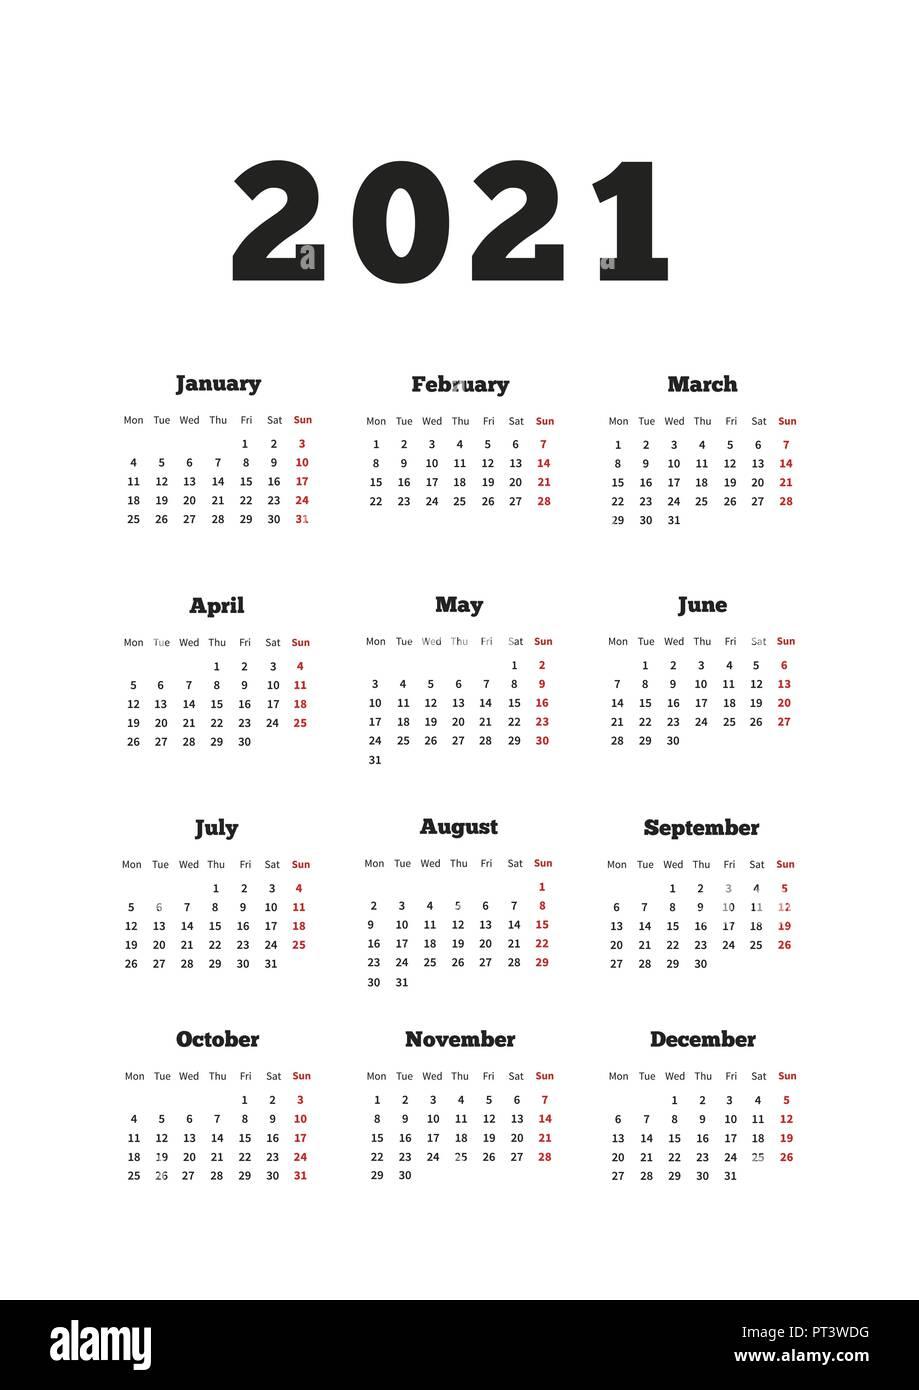 Calendrier De Lannée 2021 Calendrier sur l'année 2021 avec semaine à partir de lundi, format